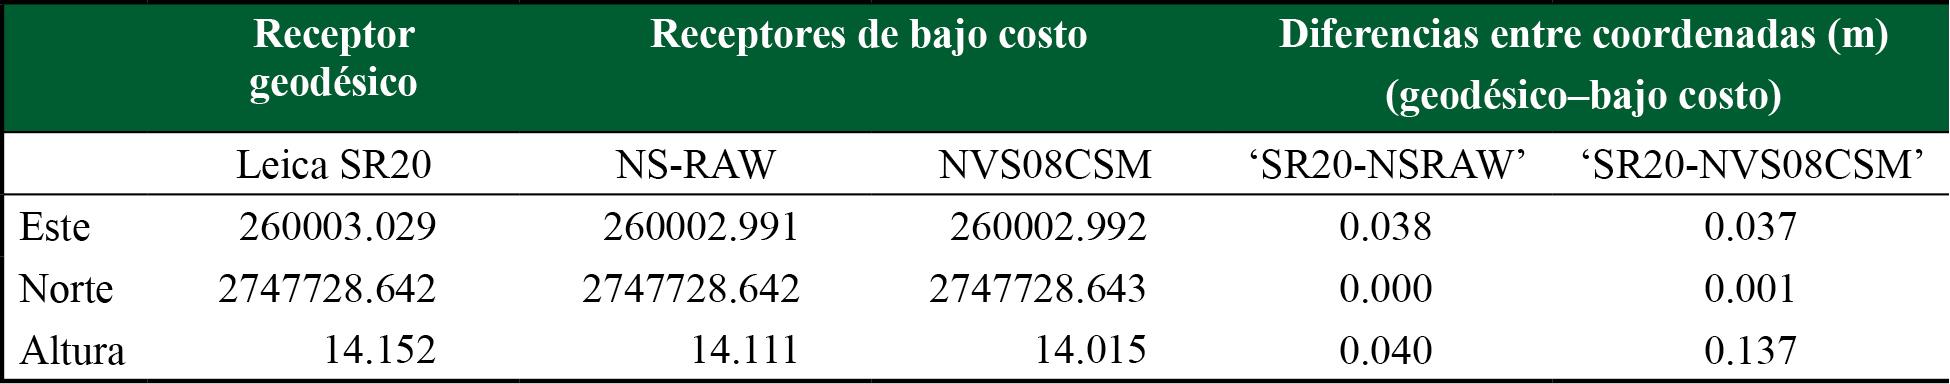 Coordenadas  Norte, Este y Altura obtenidas con el software RTKLIB, así como la diferencia entre el receptor geodésico (valor real) y los receptores de bajo costo para cada coordenada calculada mediante DGPS